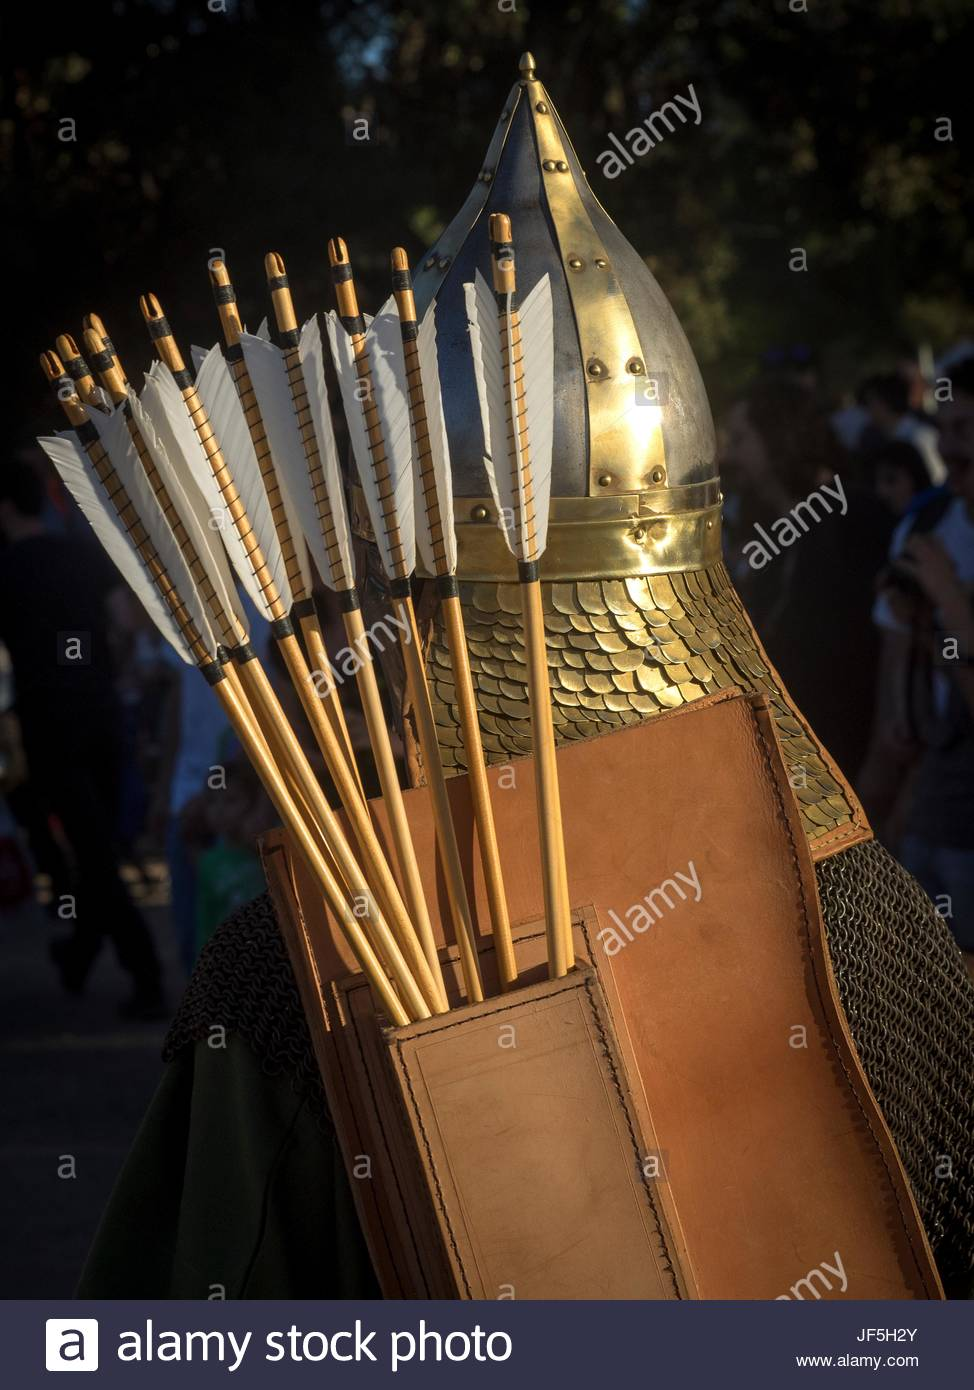 Schauspieler in römischen Kostüm an das Römerfest Tarragona. Stockbild